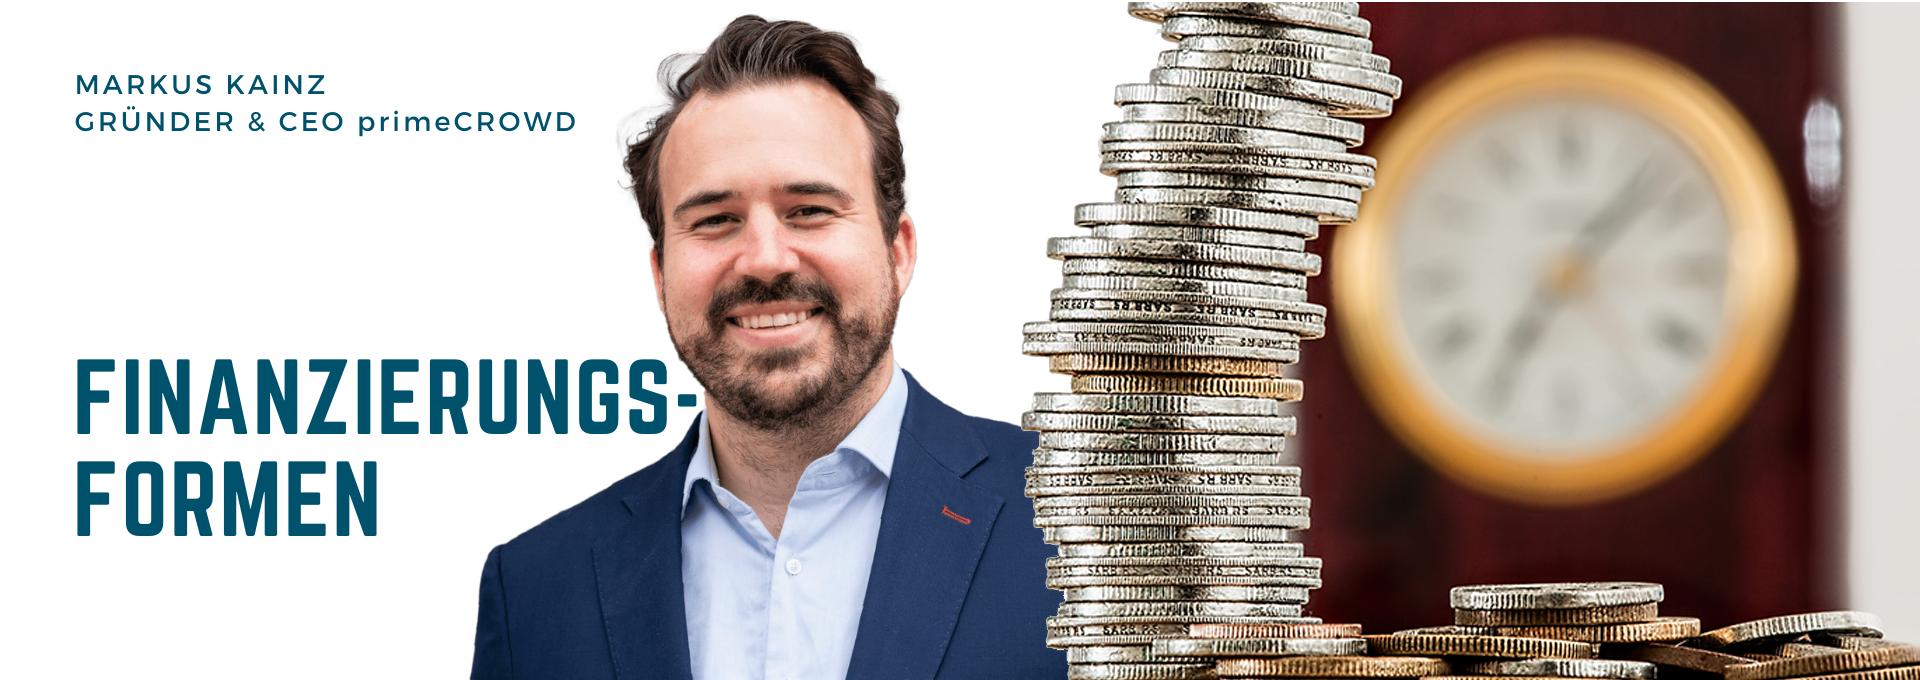 DIM004 – Finanzierungsformen für Startups – Markus Kainz, Gründer und CEO von primeCROWD